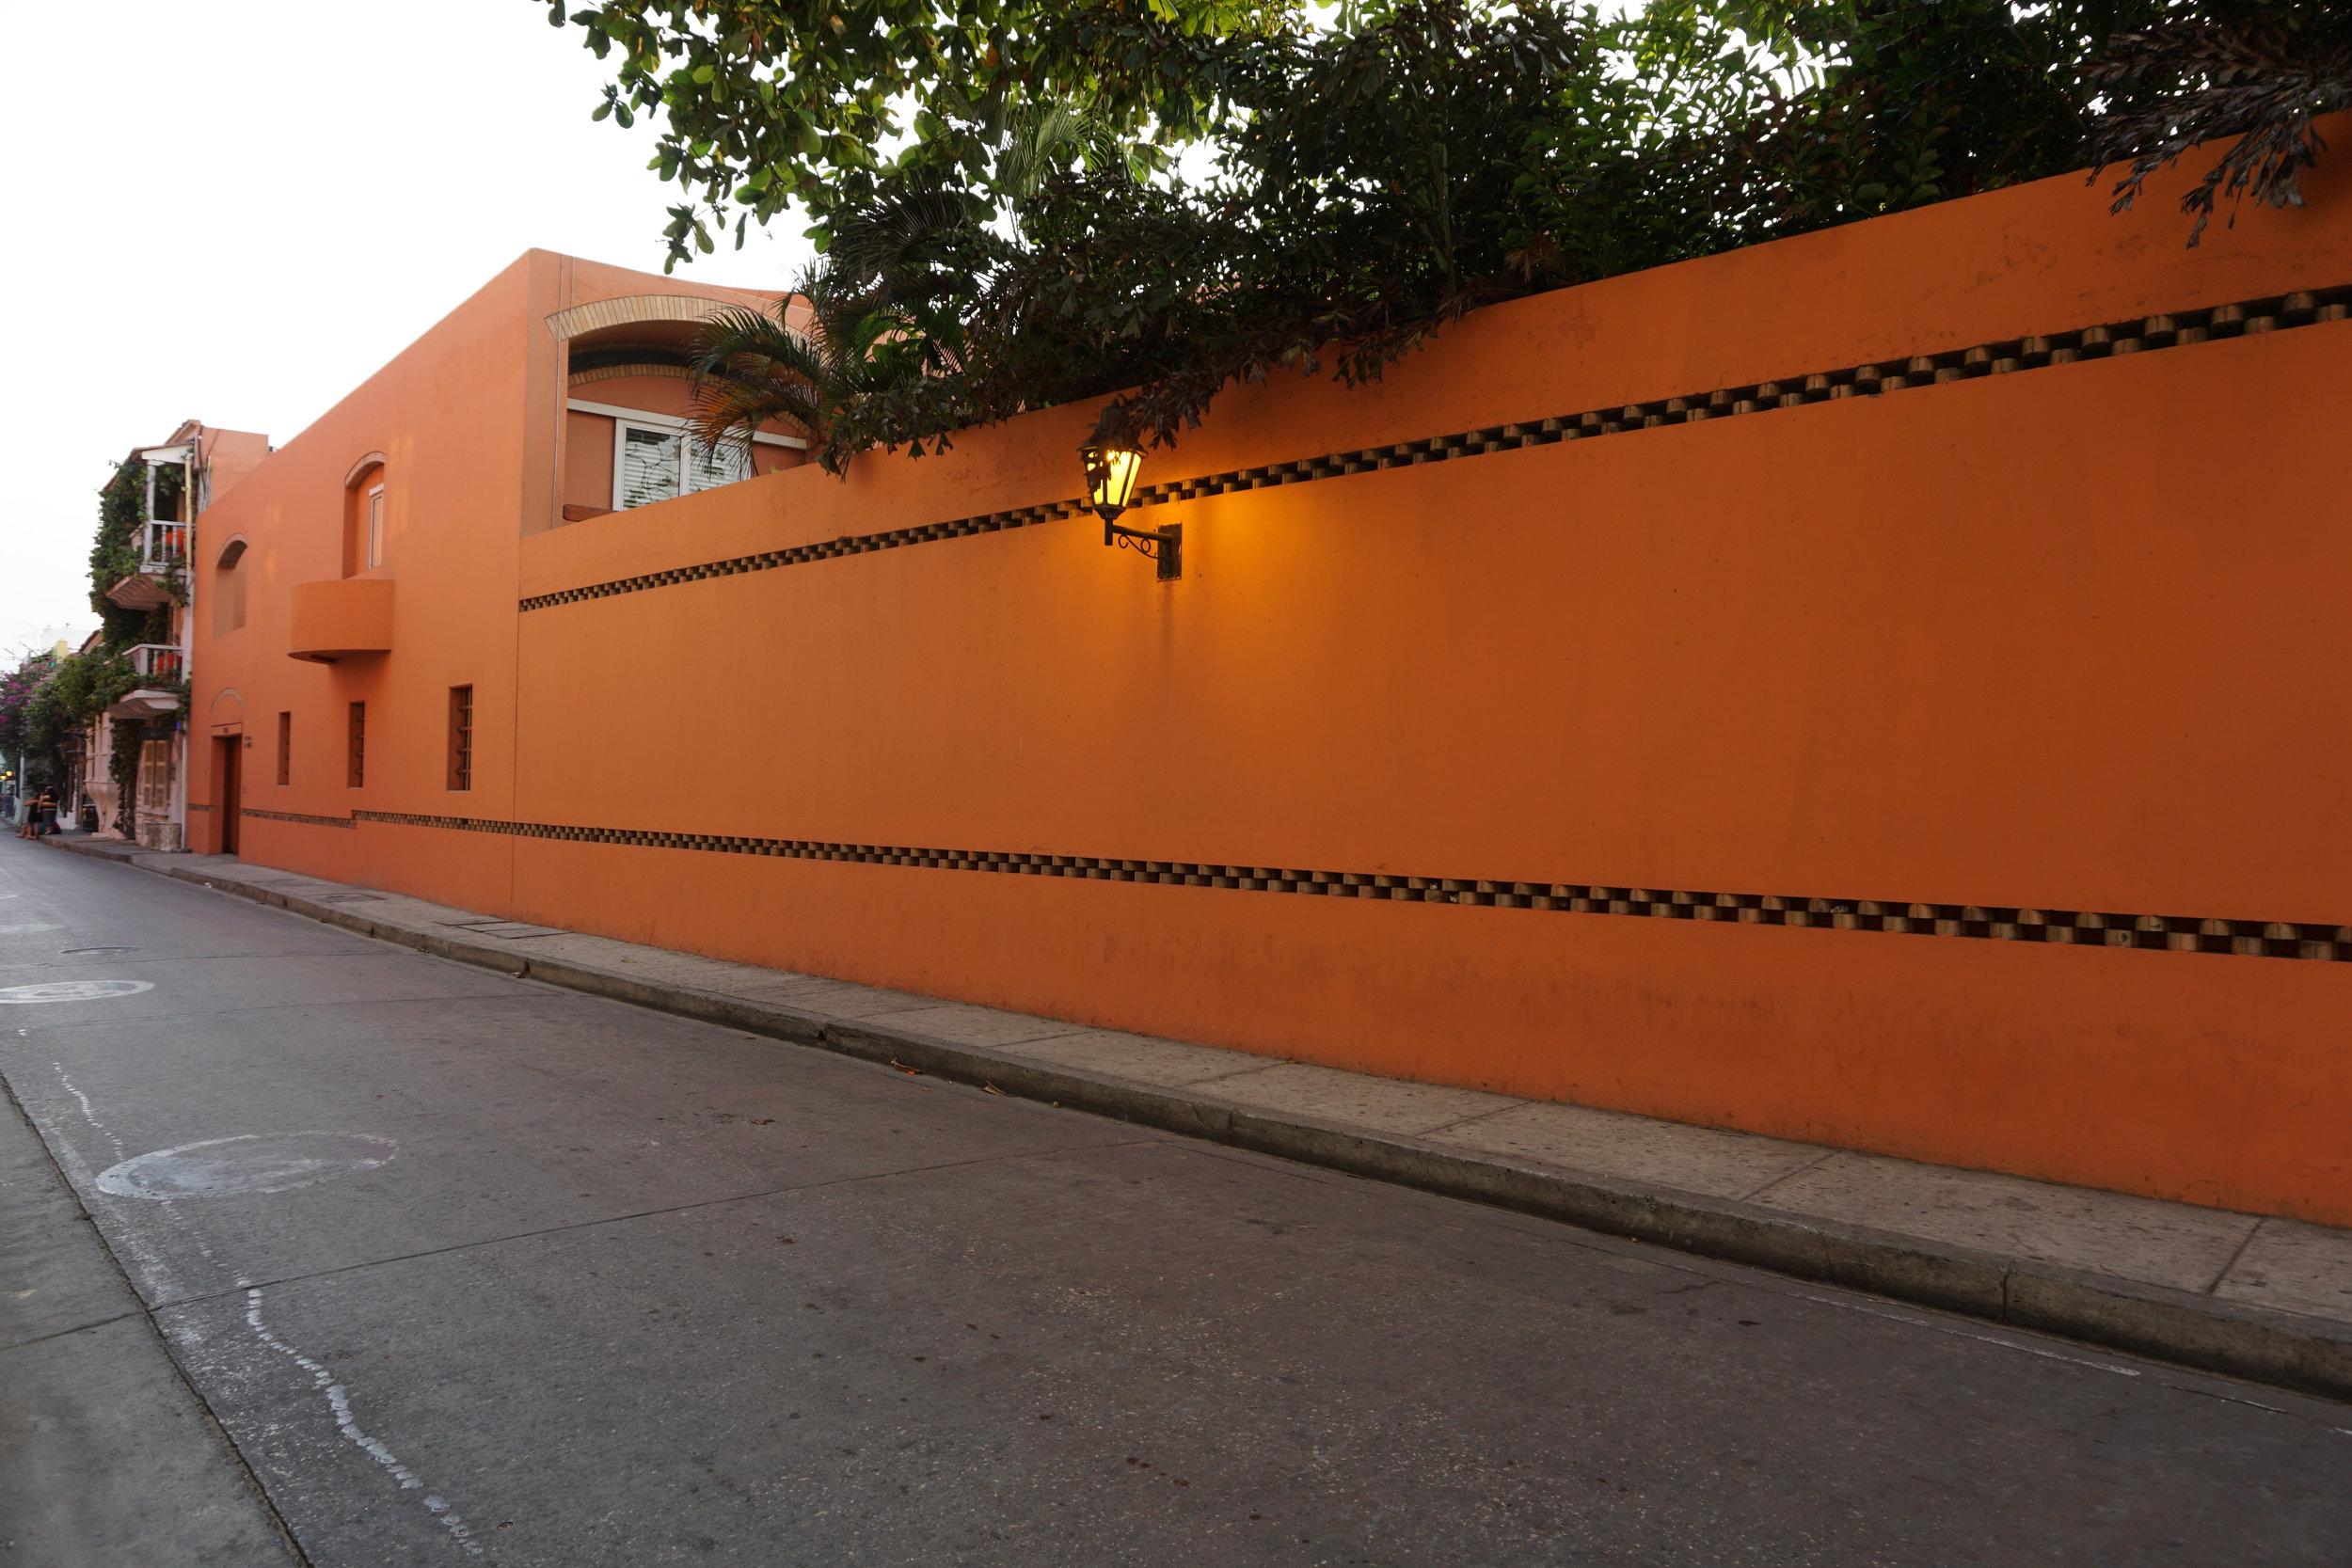 Cartagena Colombia Gabriel Garcia Marquez home.JPG